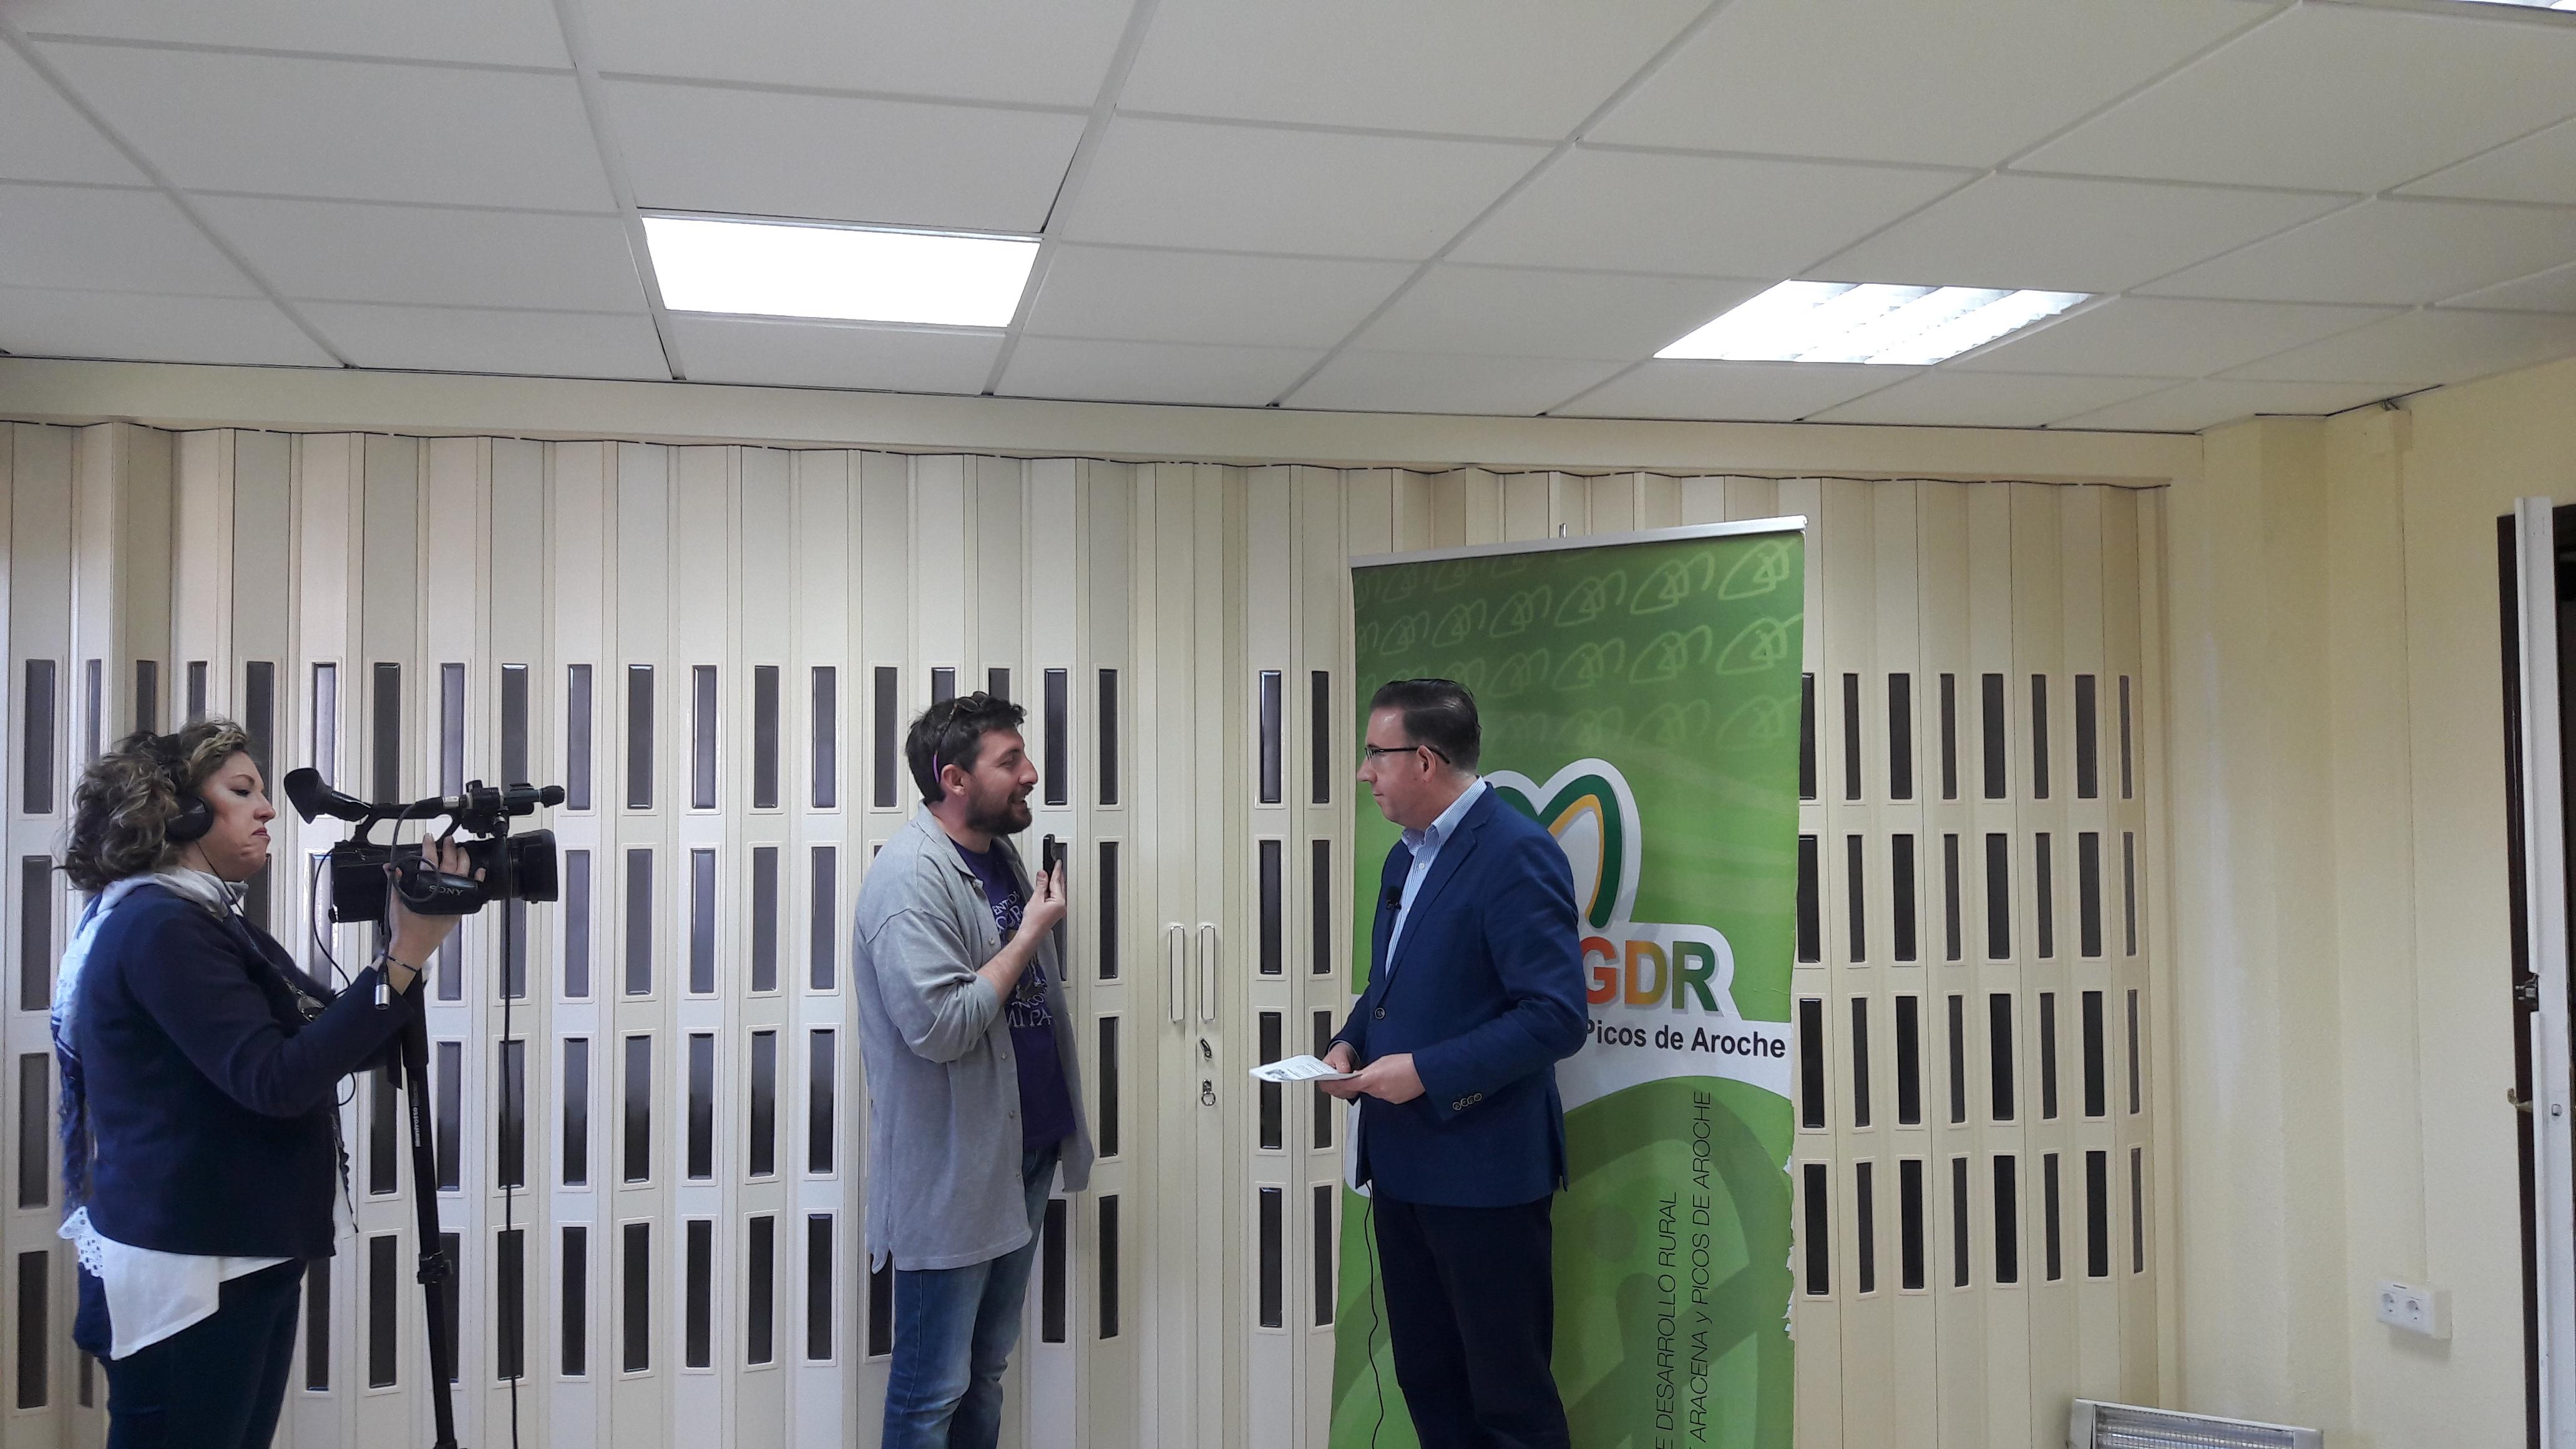 ARRANCA EL PLAN HEBE EN LA SIERRA DE ARACENA Y PICOS DE AROCHE. Un proyecto de colaboración entre el Grupo de Desarrollo Rural y la Diputación Provincial de Huelva para impulsar el empleo juvenil en la Sierra.